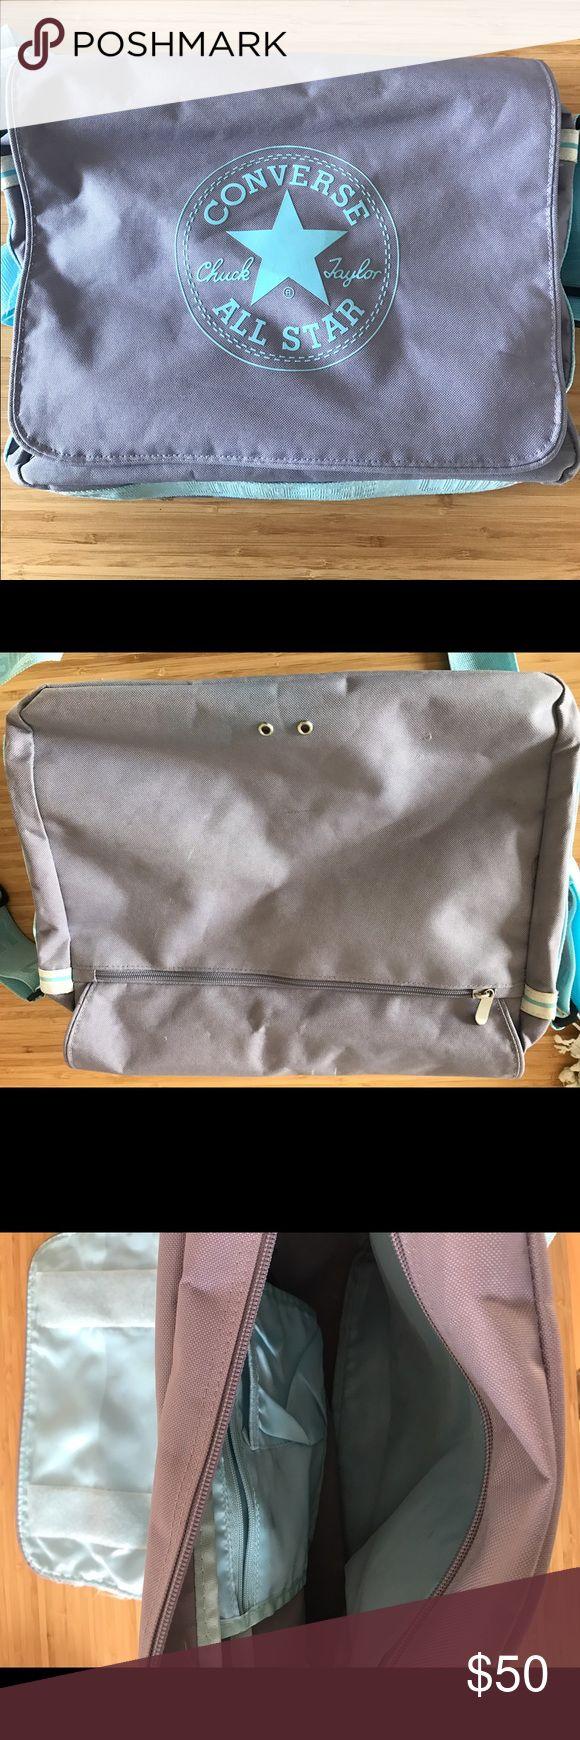 CONVERSE school bag! Amazing All Star/Converse bag. Converse Bags Shoulder Bags